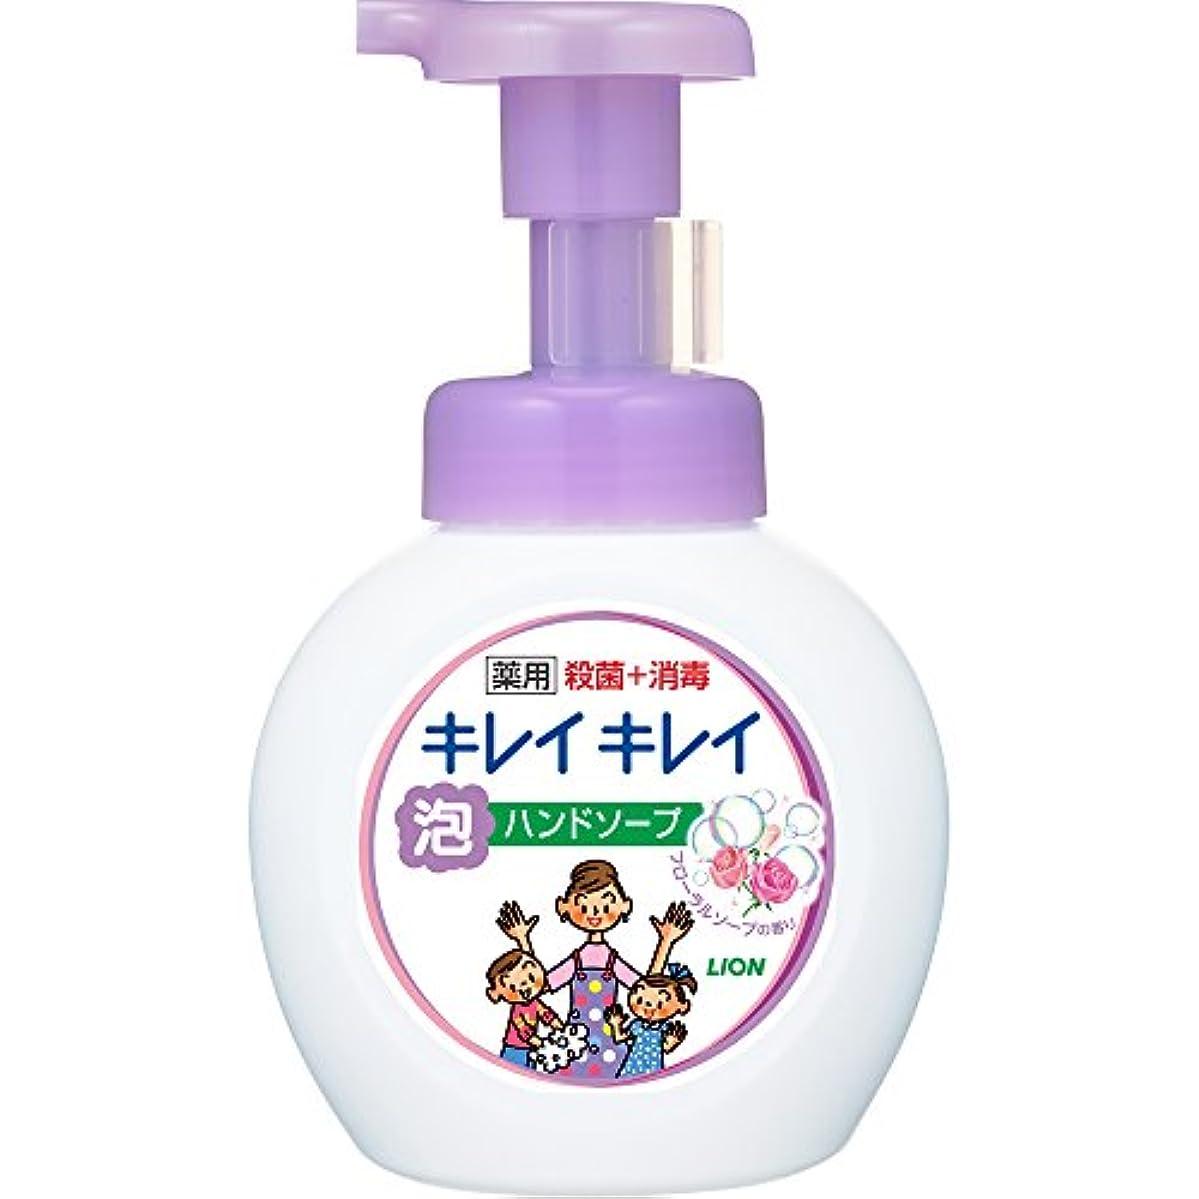 関係大いに活気づけるキレイキレイ 薬用泡ハンドソープ フローラルソープの香り 本体ポンプ 250mL